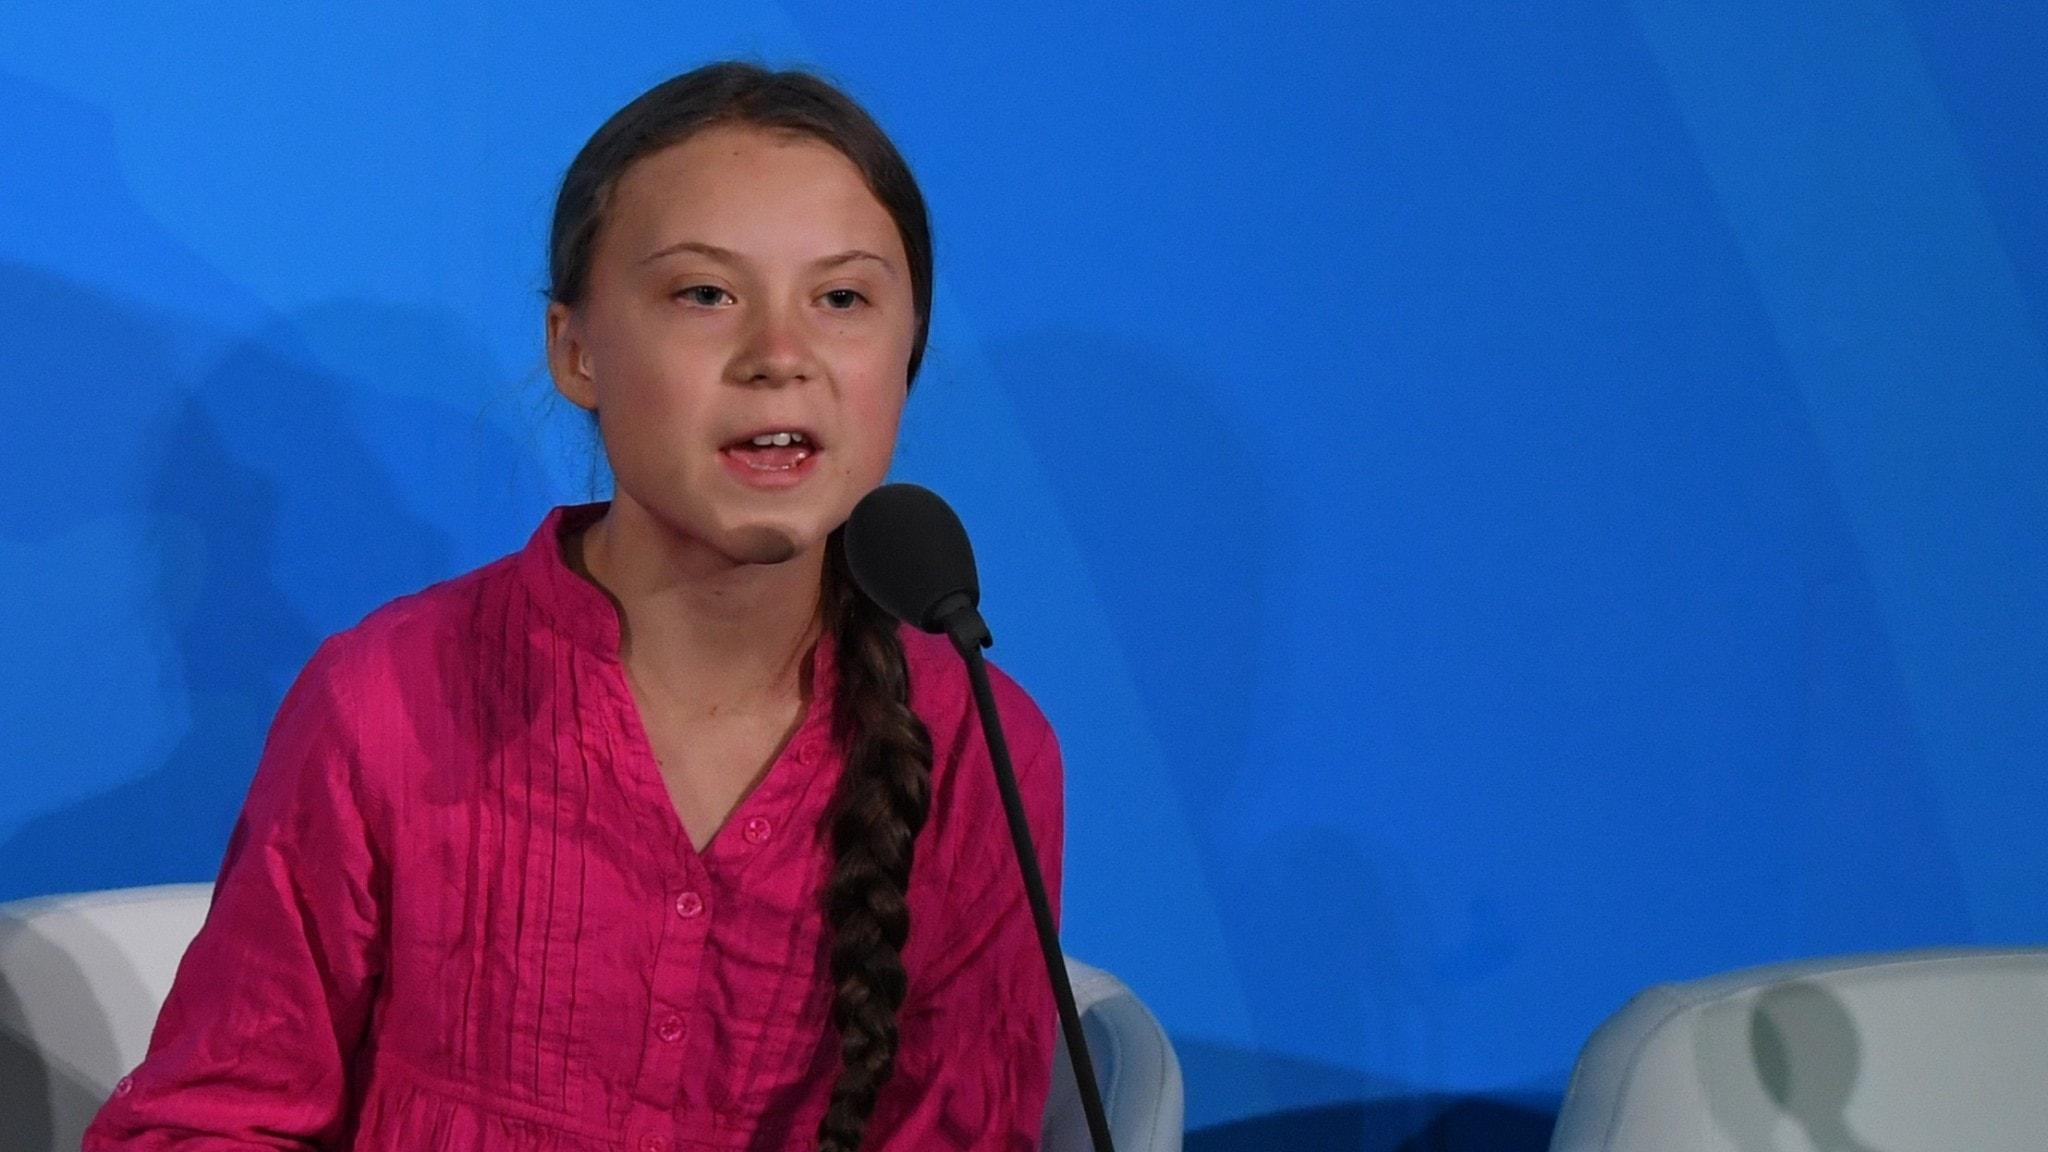 Varför hata Greta Thunberg? Patrik Holmström, New York - spela